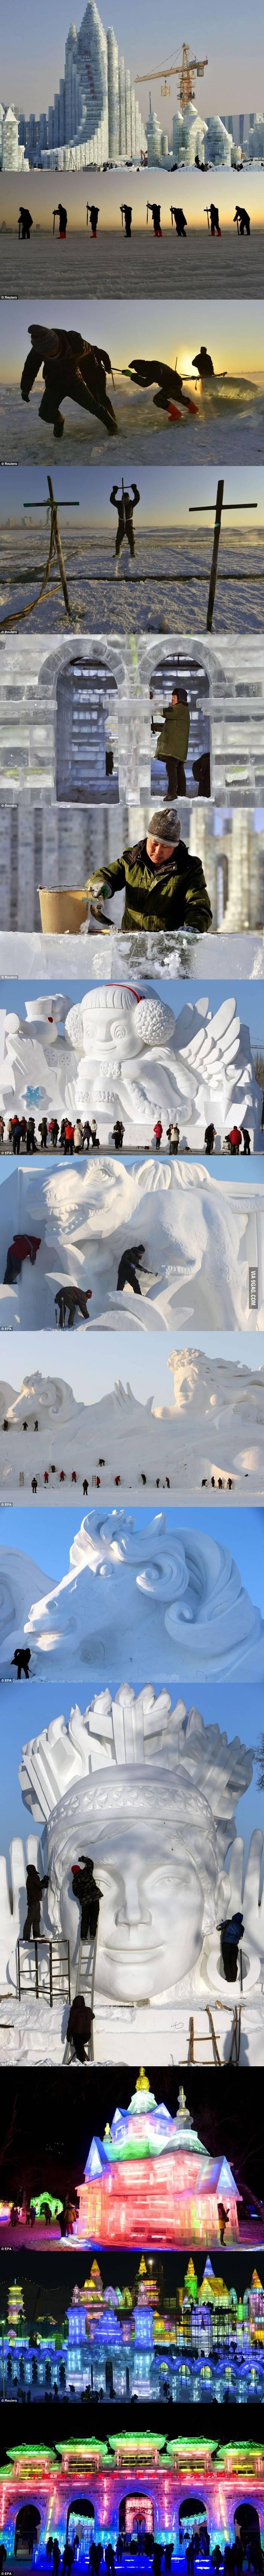 얼음..jpg